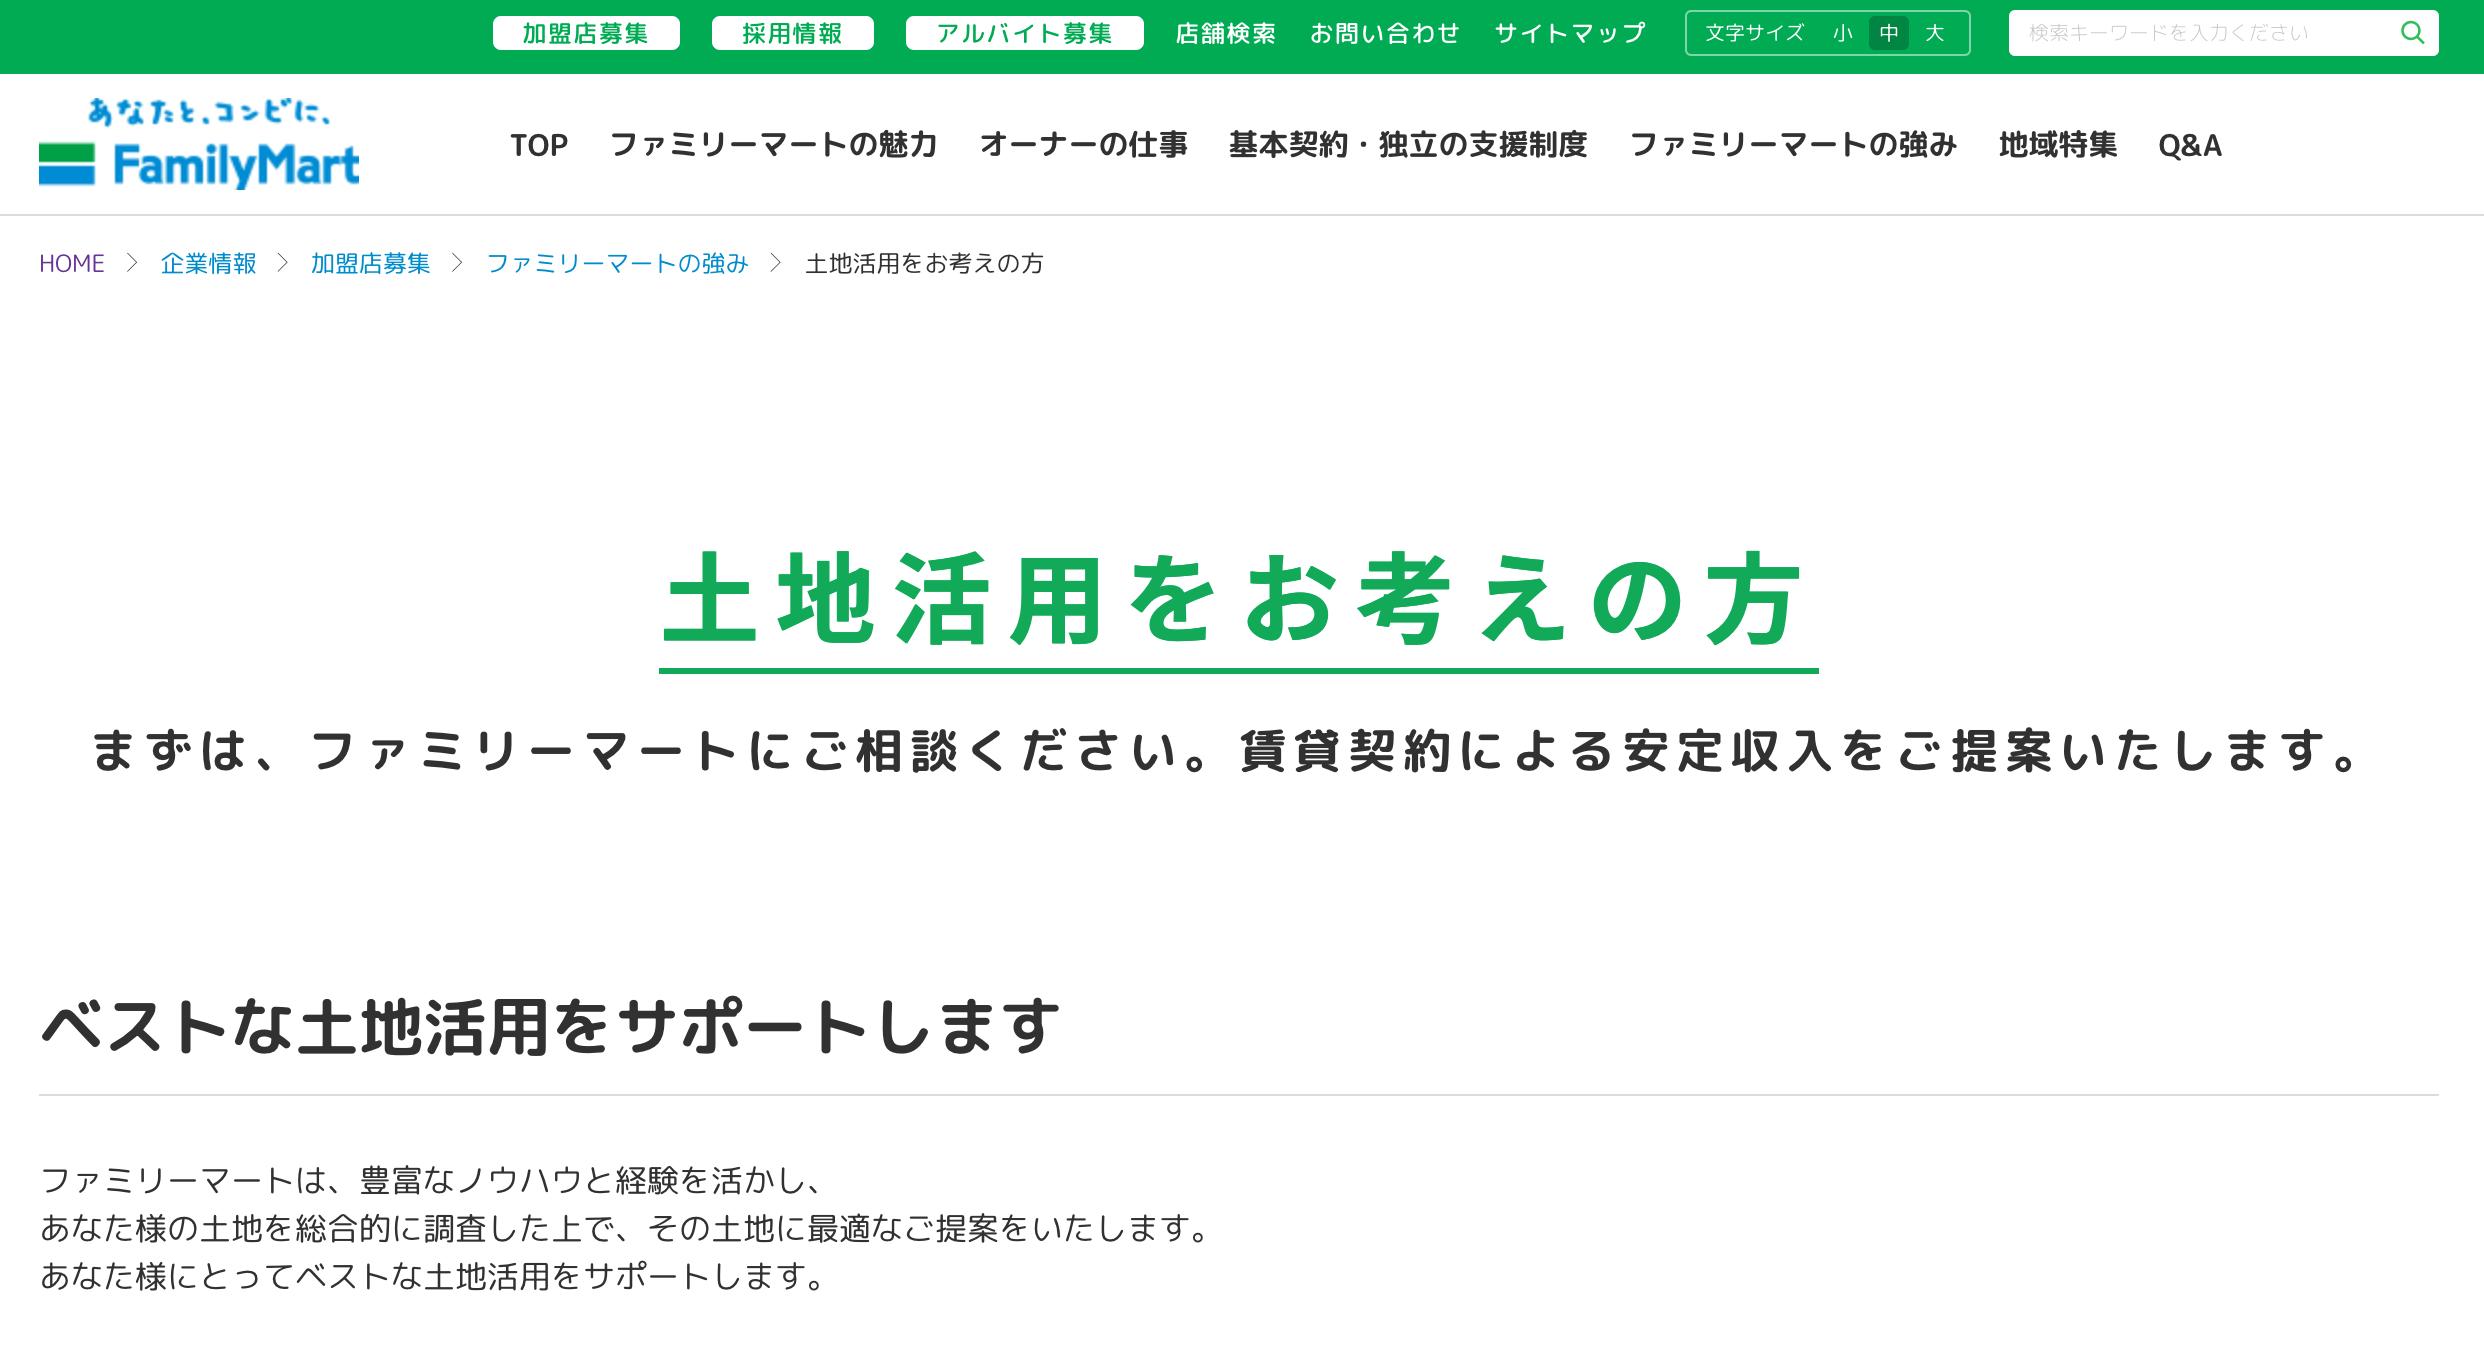 株式会社ファミリーマートの公式ページ